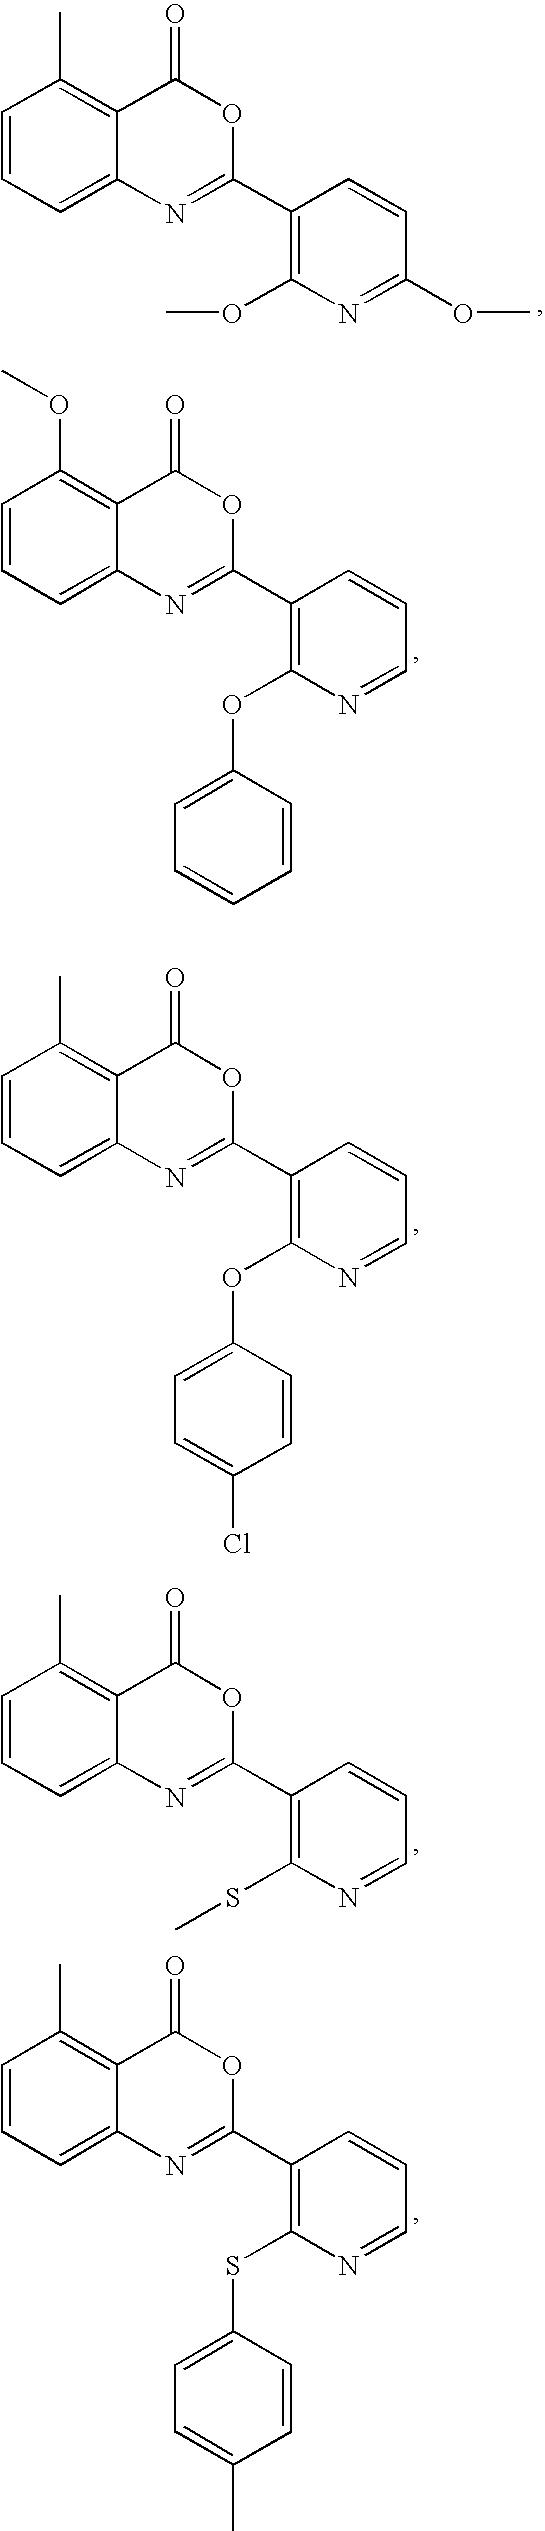 Figure US20080161290A1-20080703-C00026